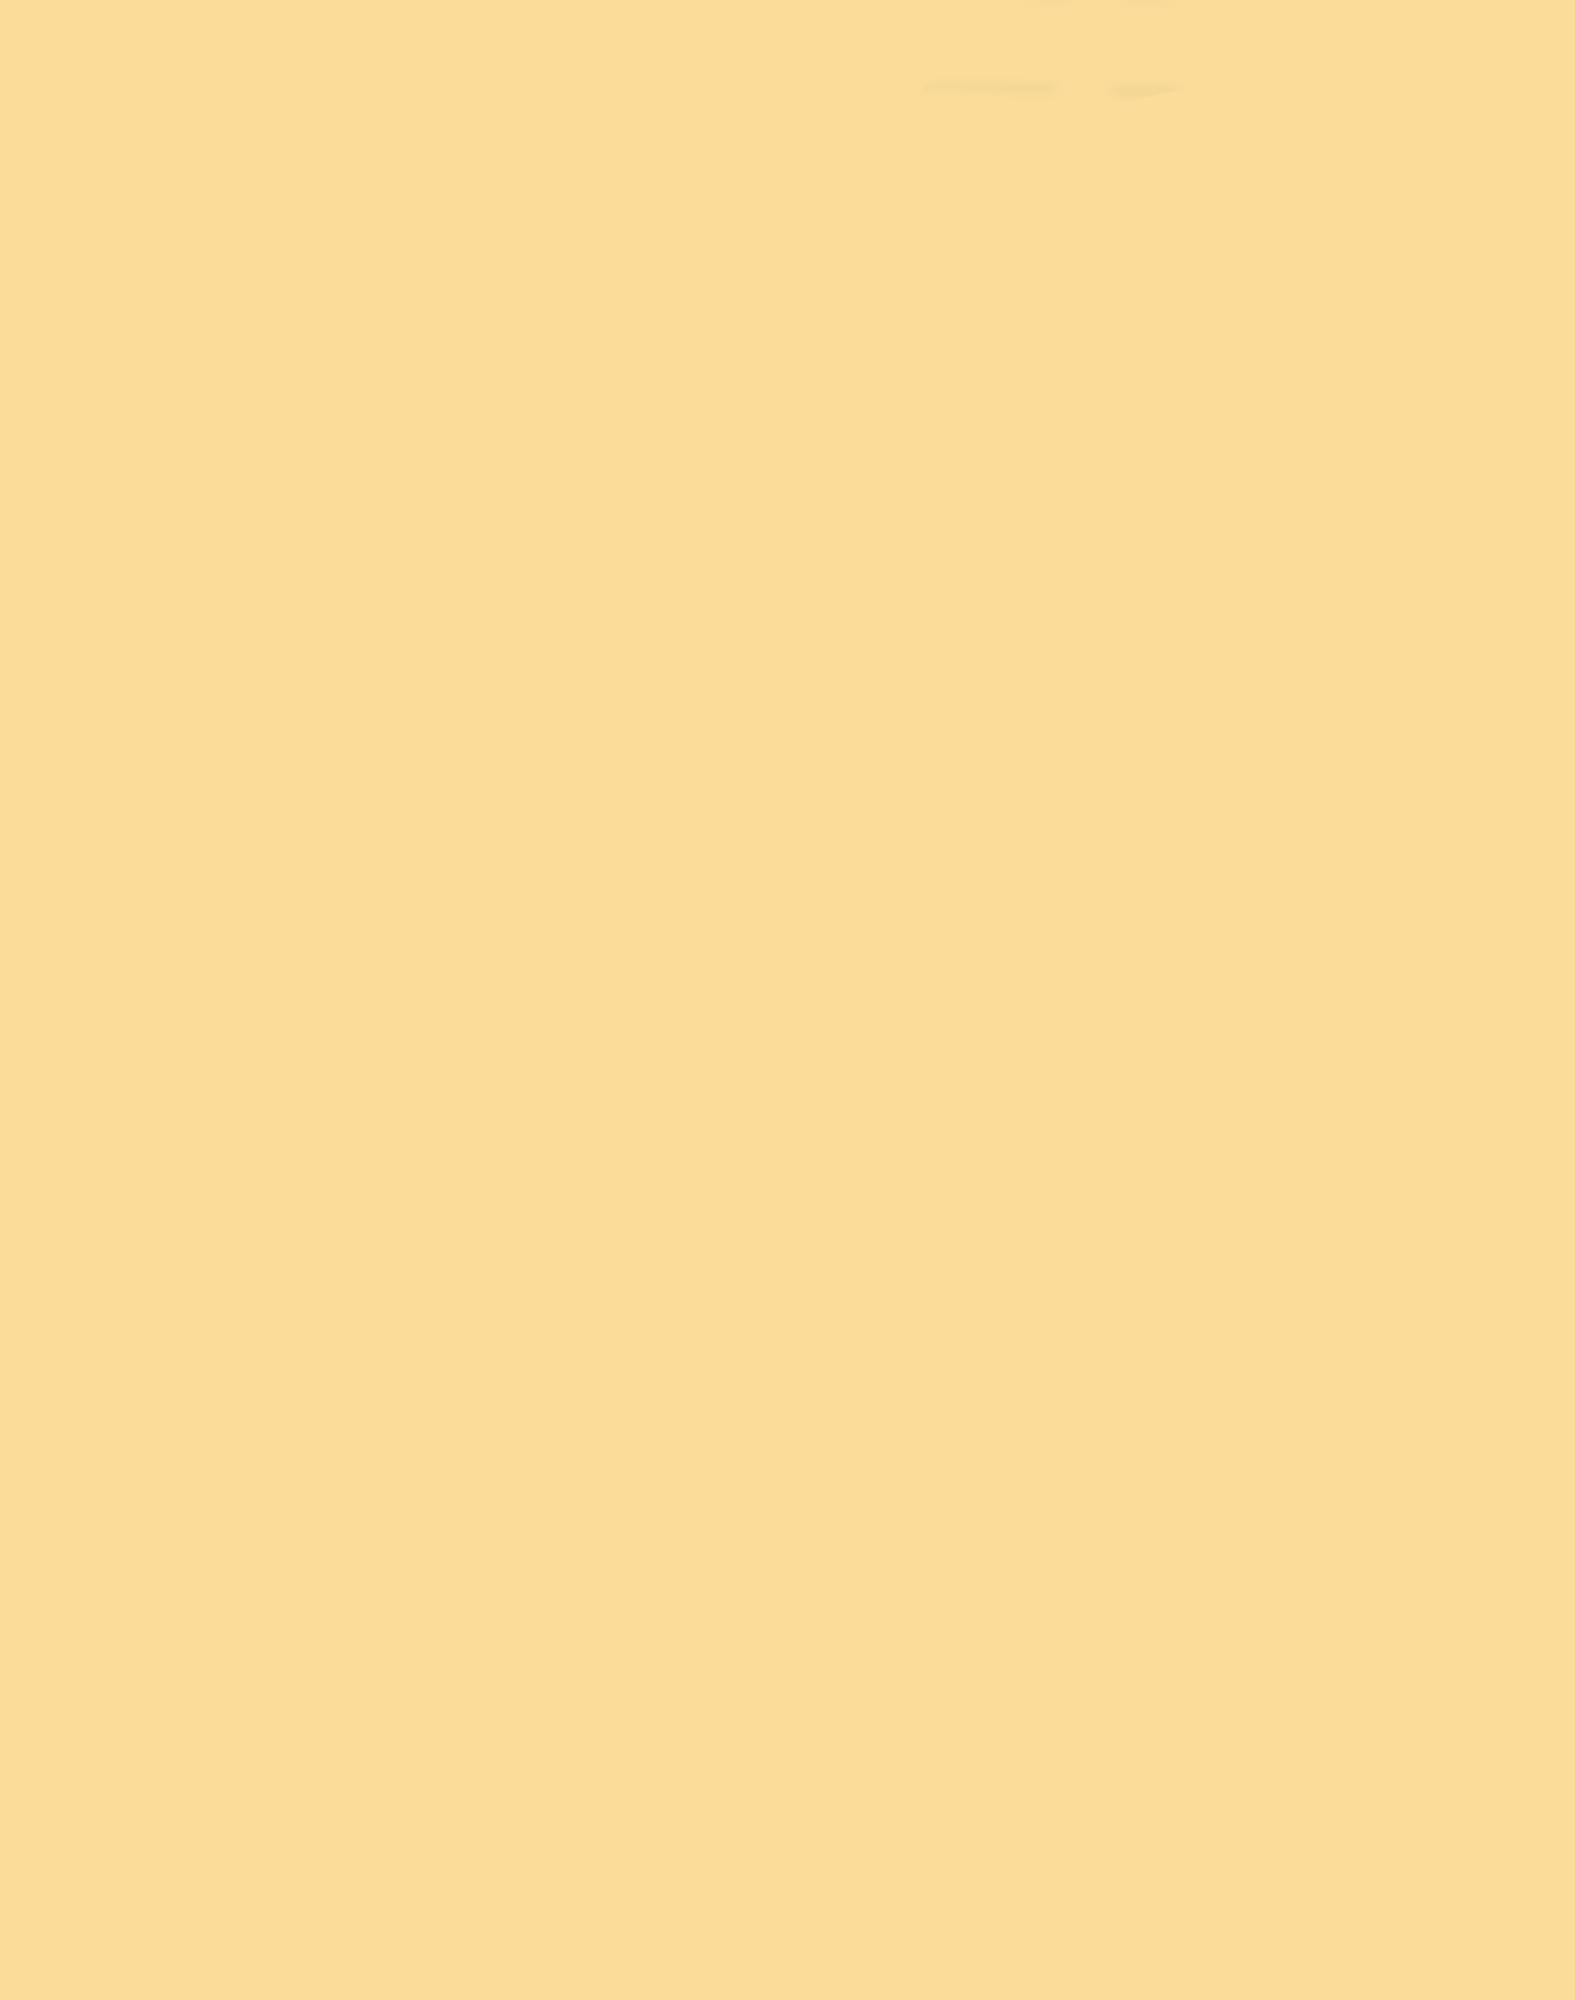 Soft Buttercup 251,220,153